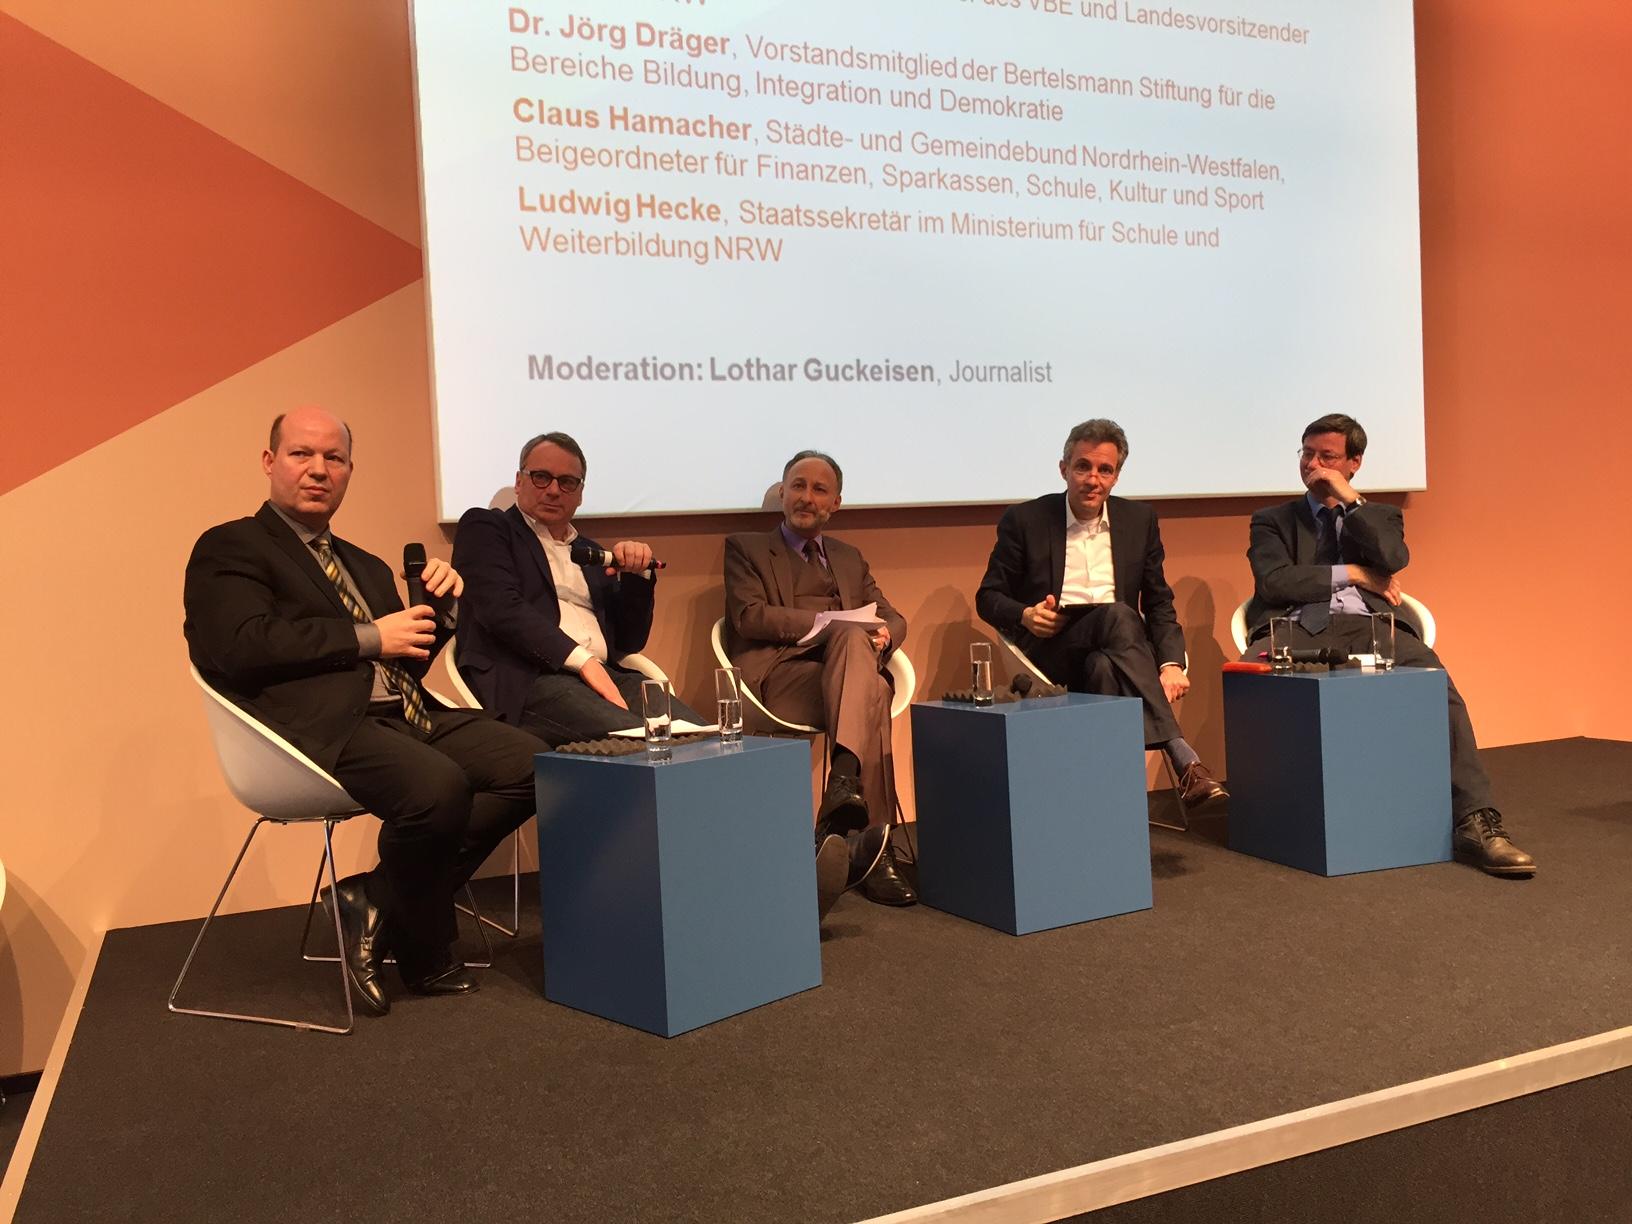 Hambacher, Beckmann, Moderator Lothar Guckeisen, Dräger und Hecke diskutieren auf dem Podium die Inklusion. (Foto: nin)